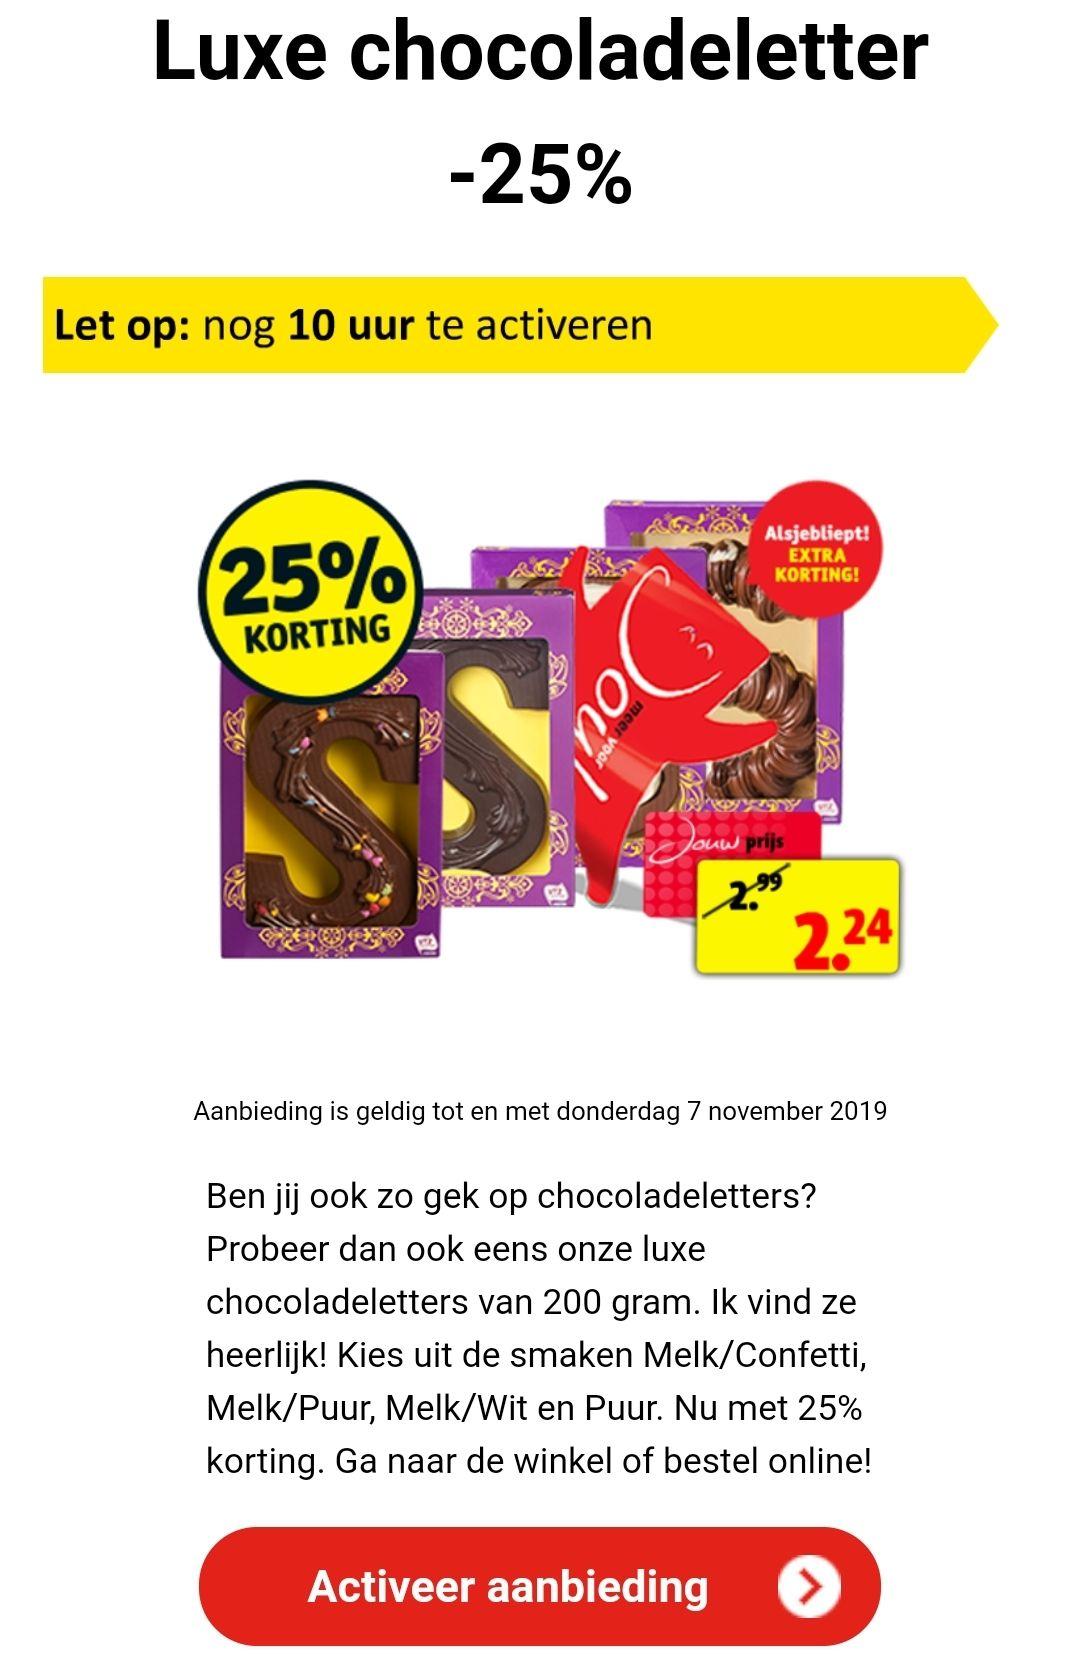 25% korting op luxe chocoladeletter (€2,24) @ Kruidvat